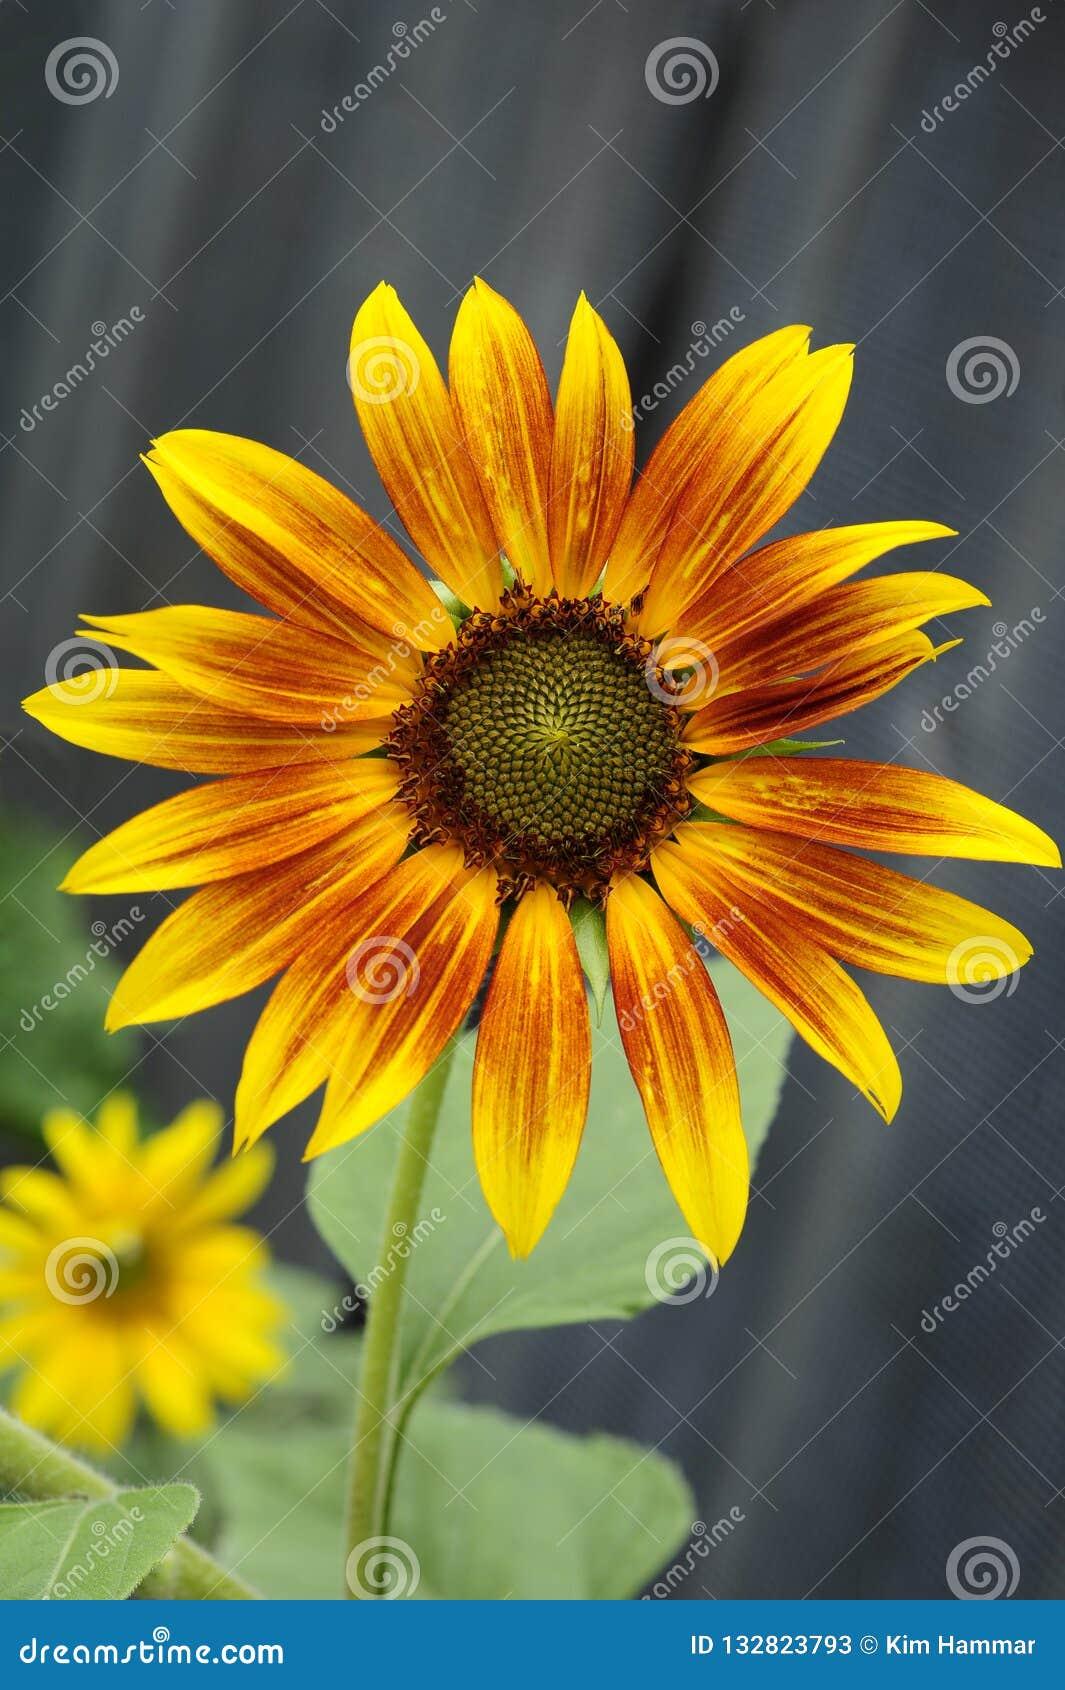 En öppen solros innehåller gula och bruna kronblad som cirklar en diskett av frö